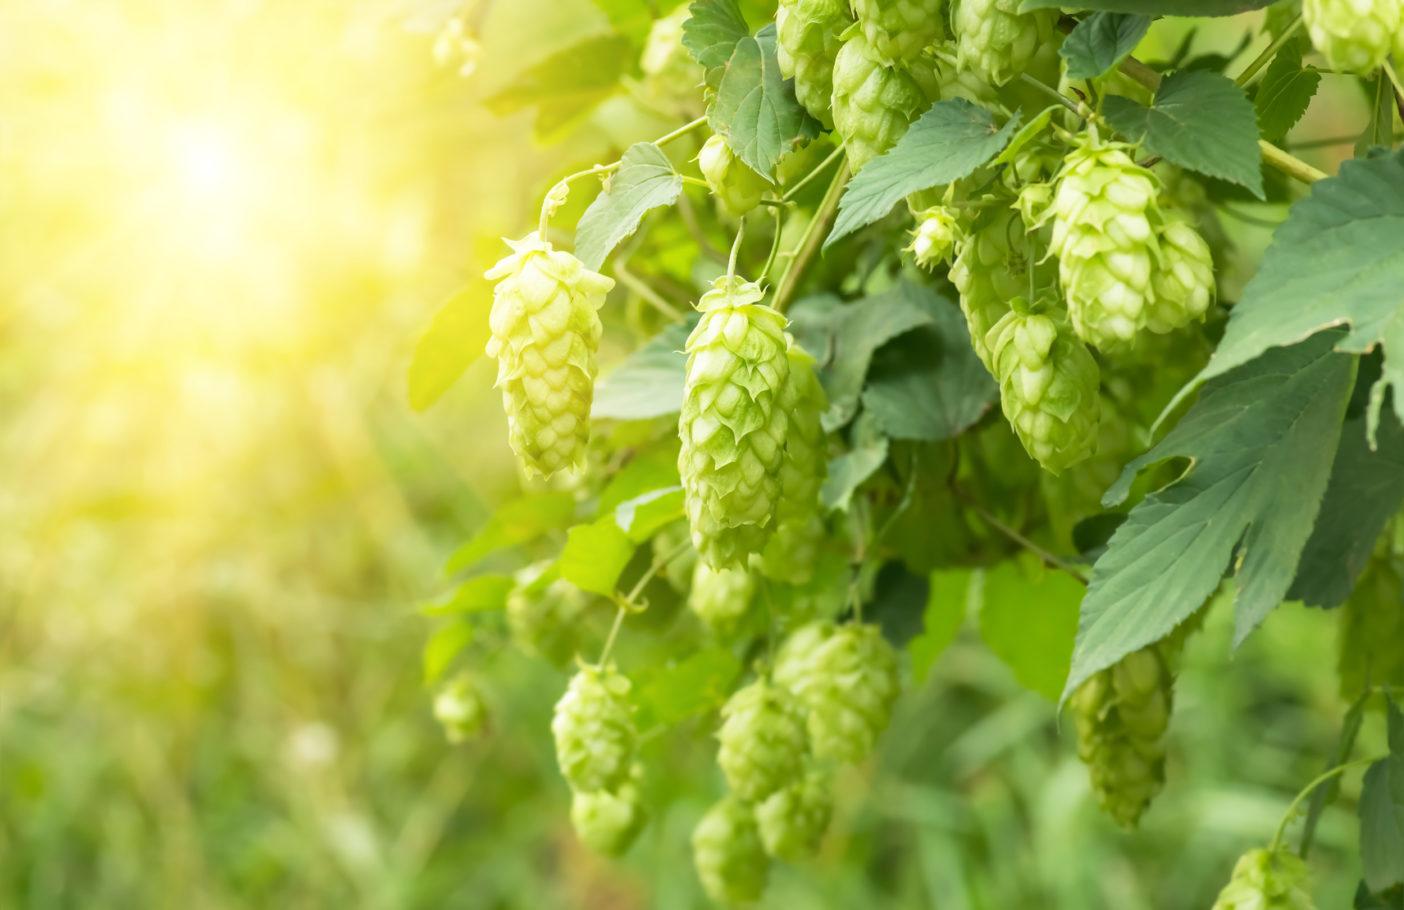 Hopfenextrakt; Hopfen; Humulus Lupulus (Hops) Extract